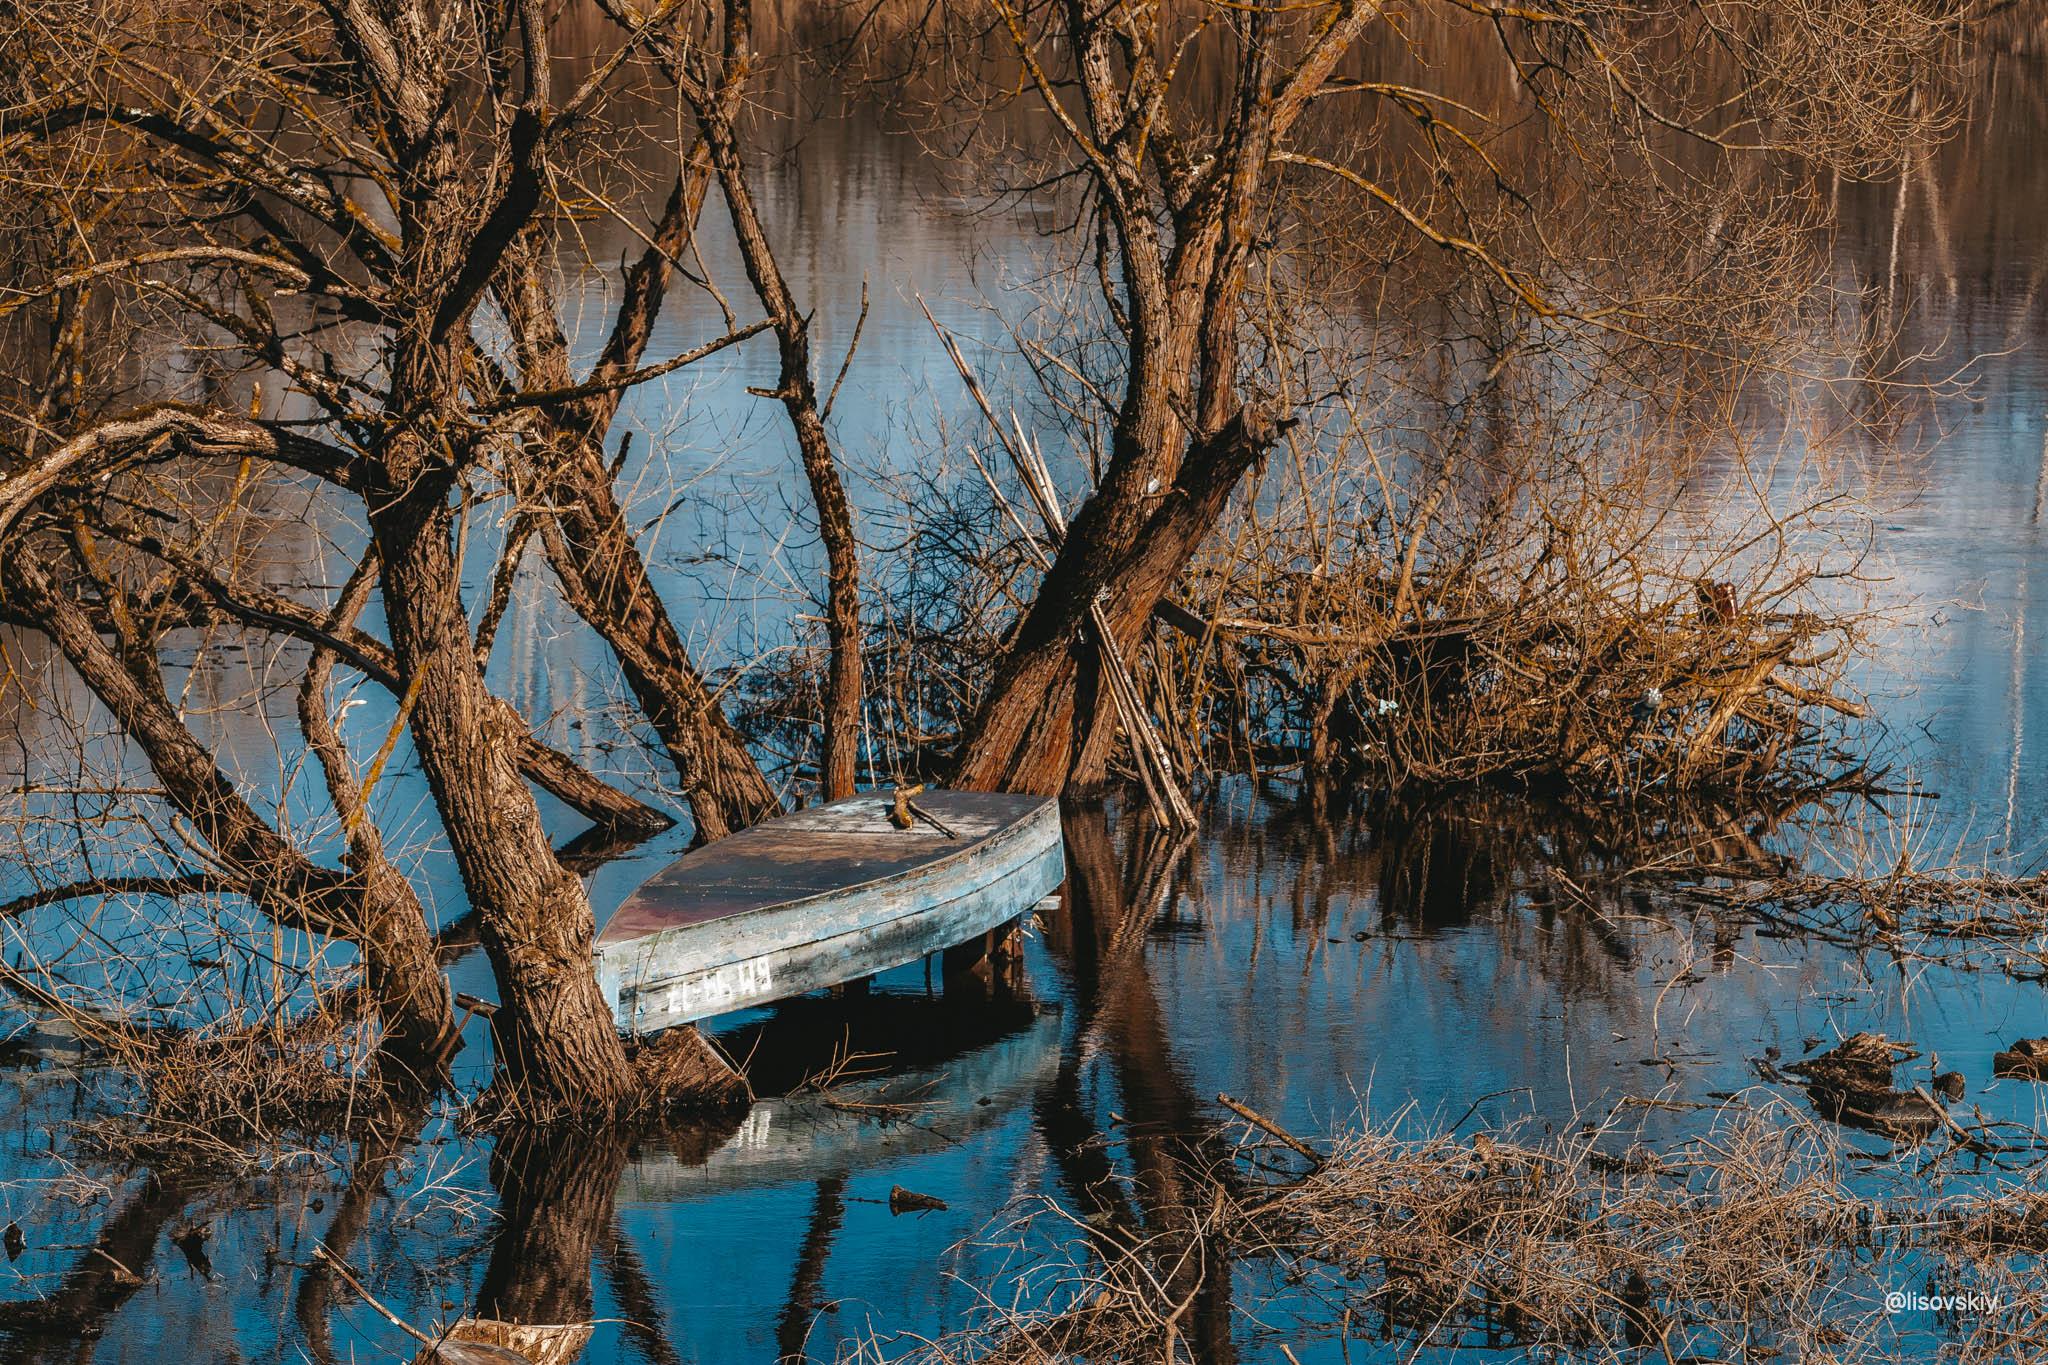 Река Березина, Беларусь. Весна 2021